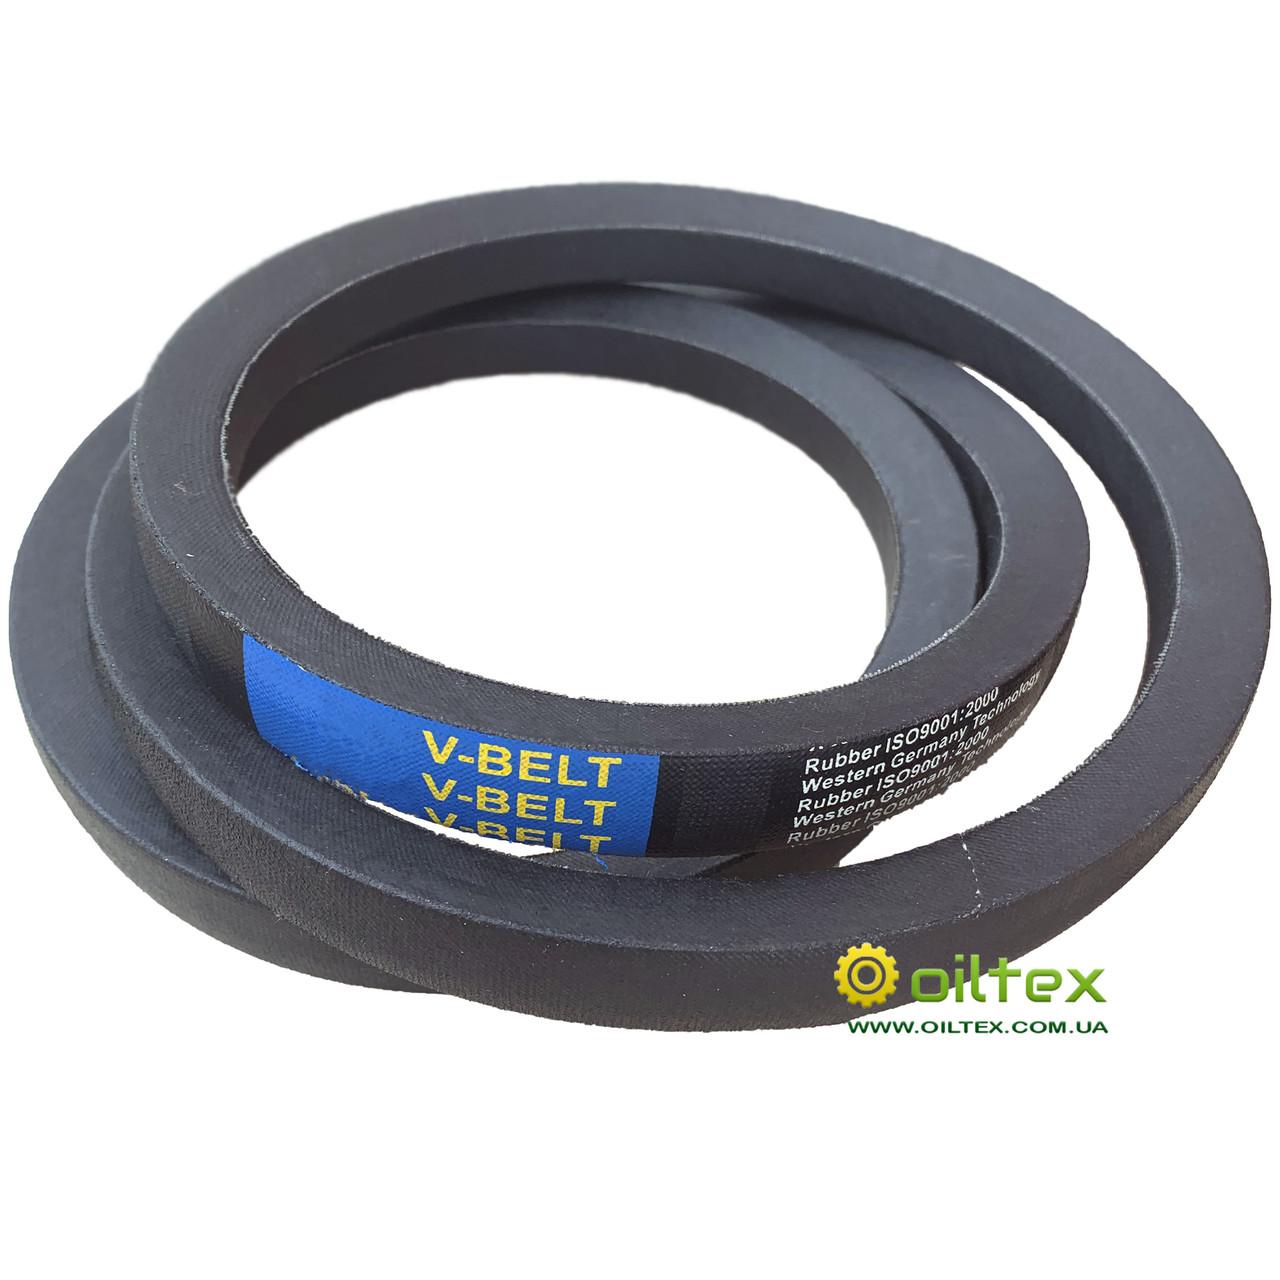 Ремень Д(Г)-7100 V-BELT